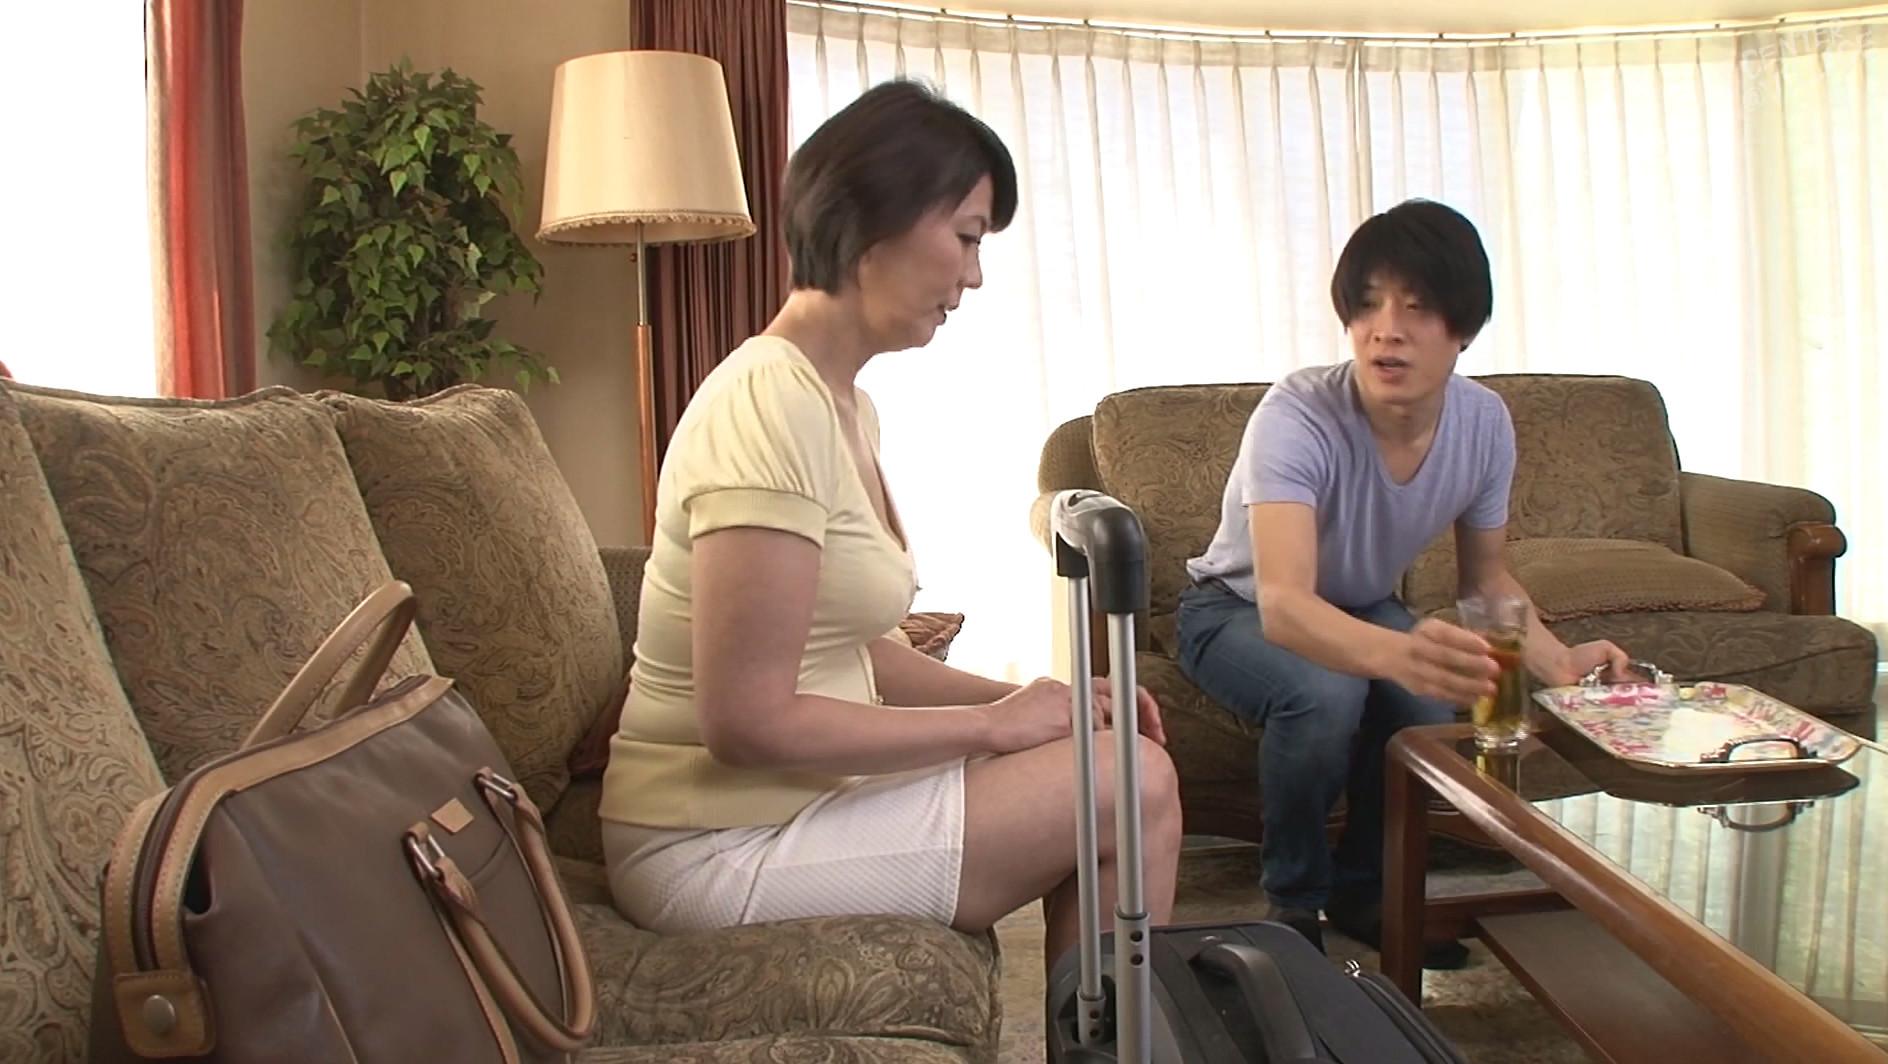 熟女専門 センタービレッジ 8 [無断転載禁止]©bbspink.comYouTube動画>2本 ->画像>139枚